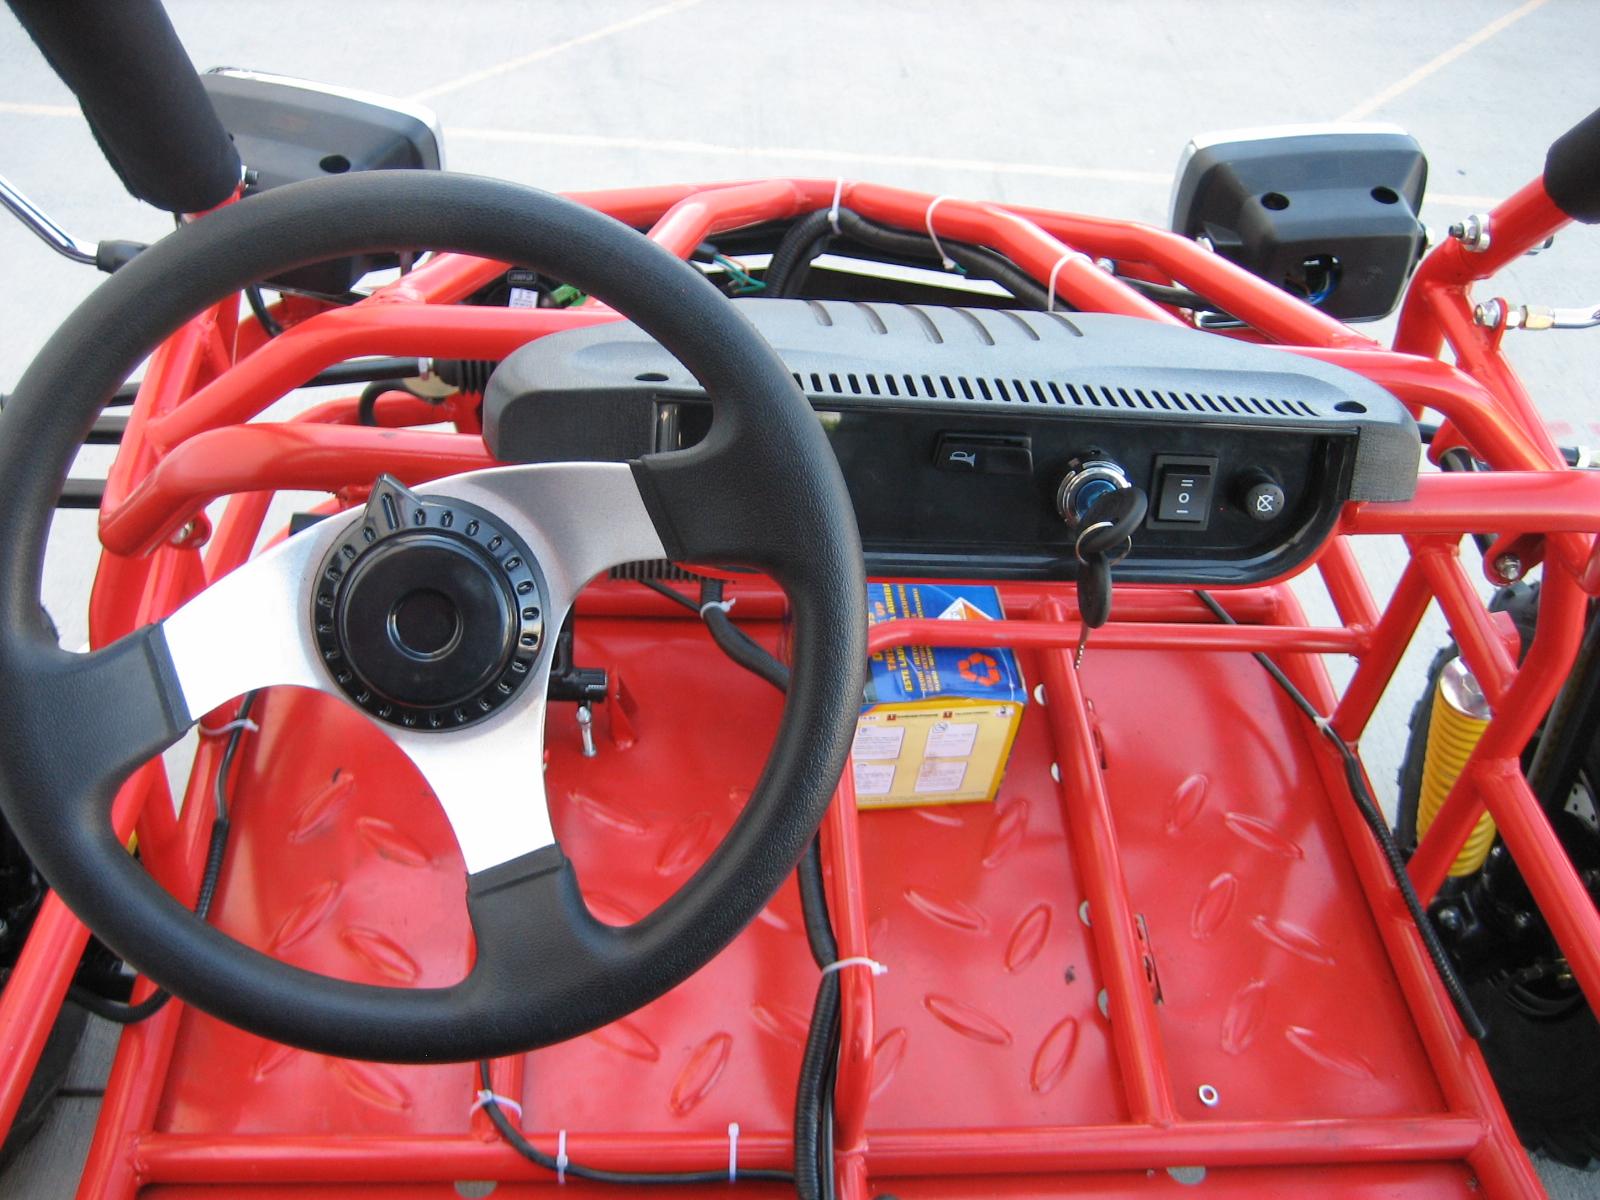 150cc Dirt Hugger 4 Stroke Go Kart